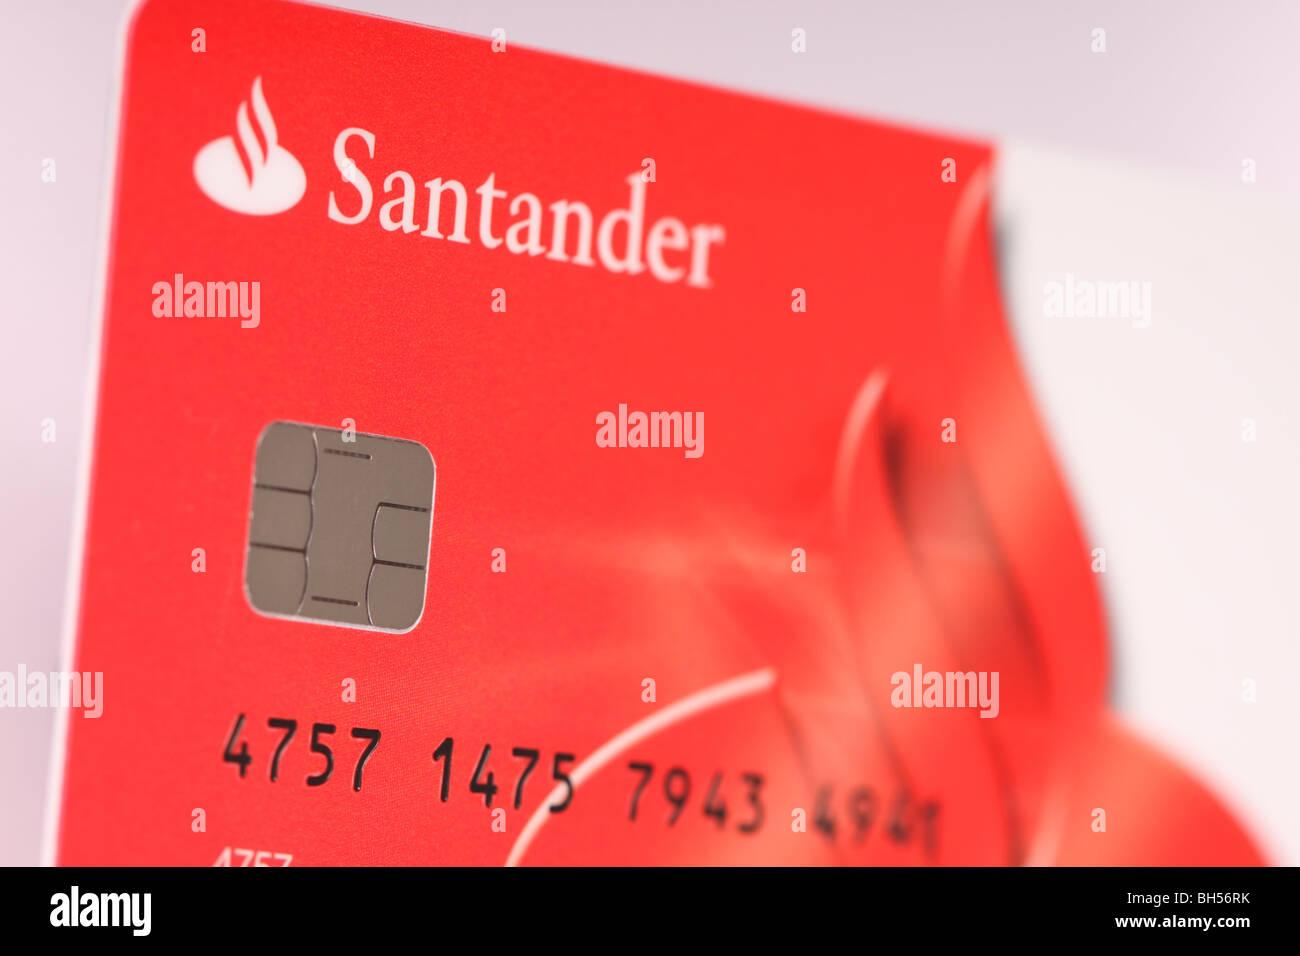 Santander Bank Logo Stock Photos & Santander Bank Logo Stock Images ...